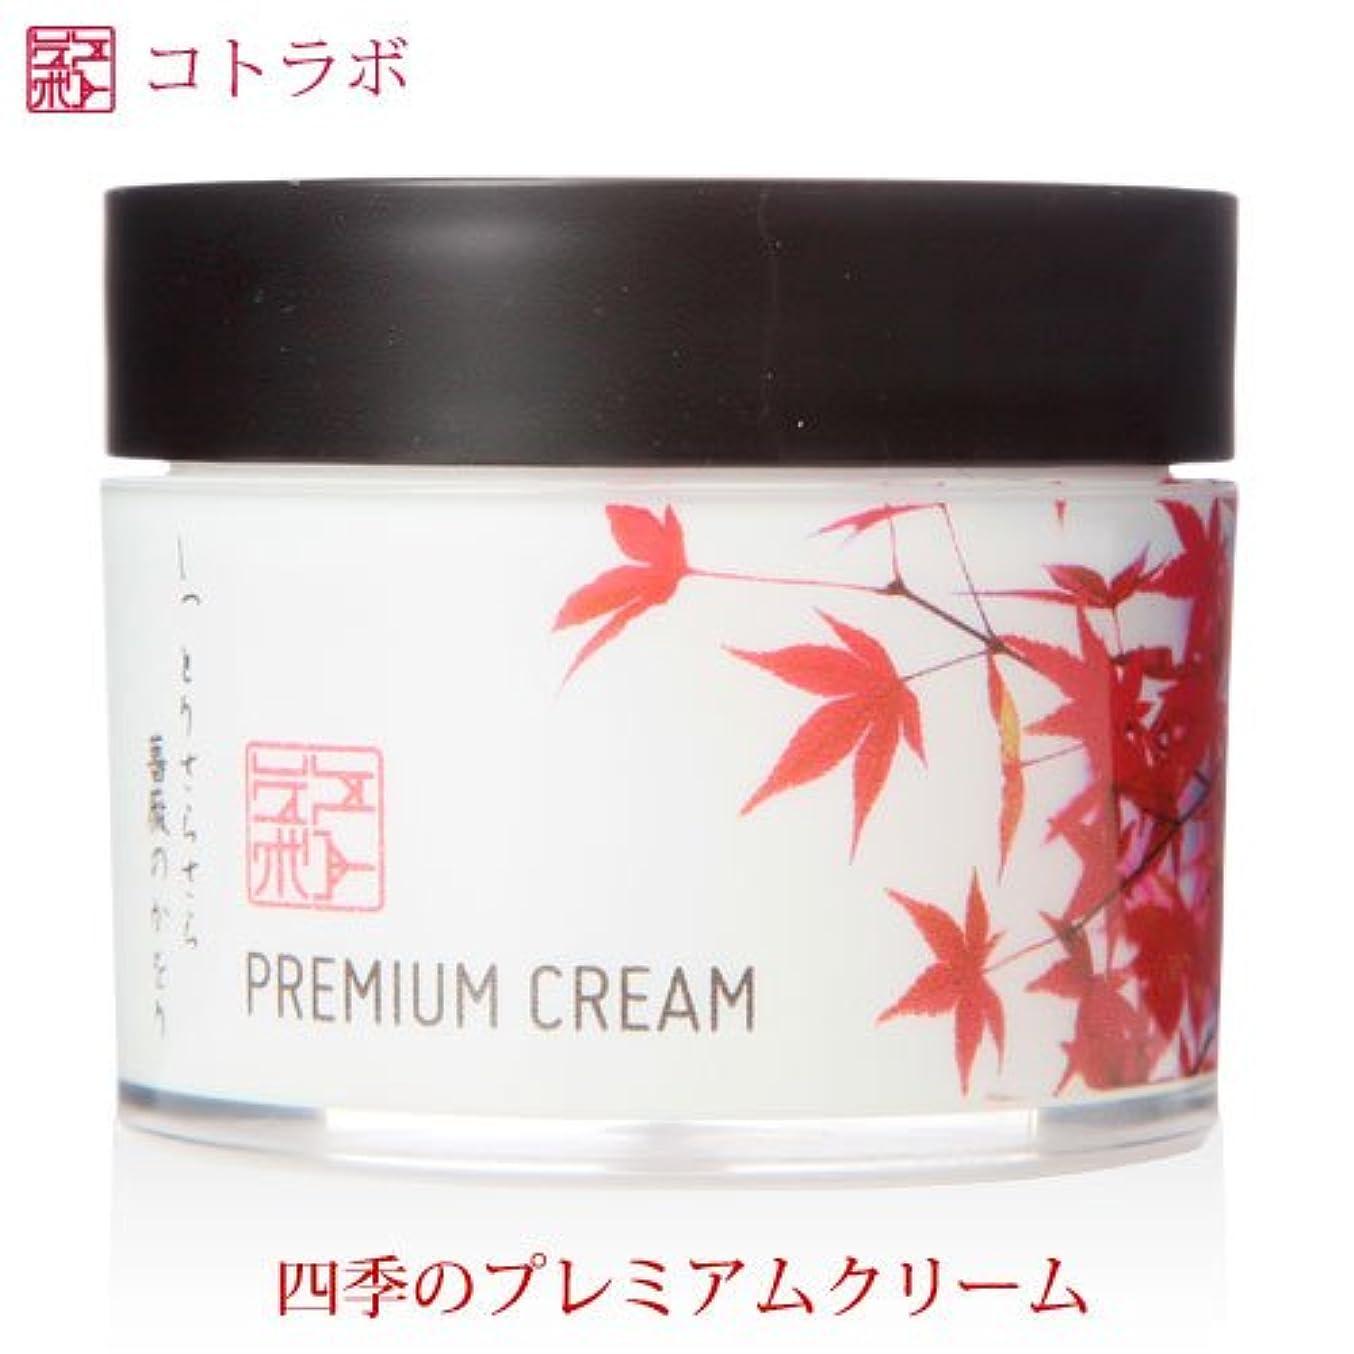 フェミニン引っ張る追い出すコトラボ 四季のプレミアムクリーム秋薔薇の香り50g